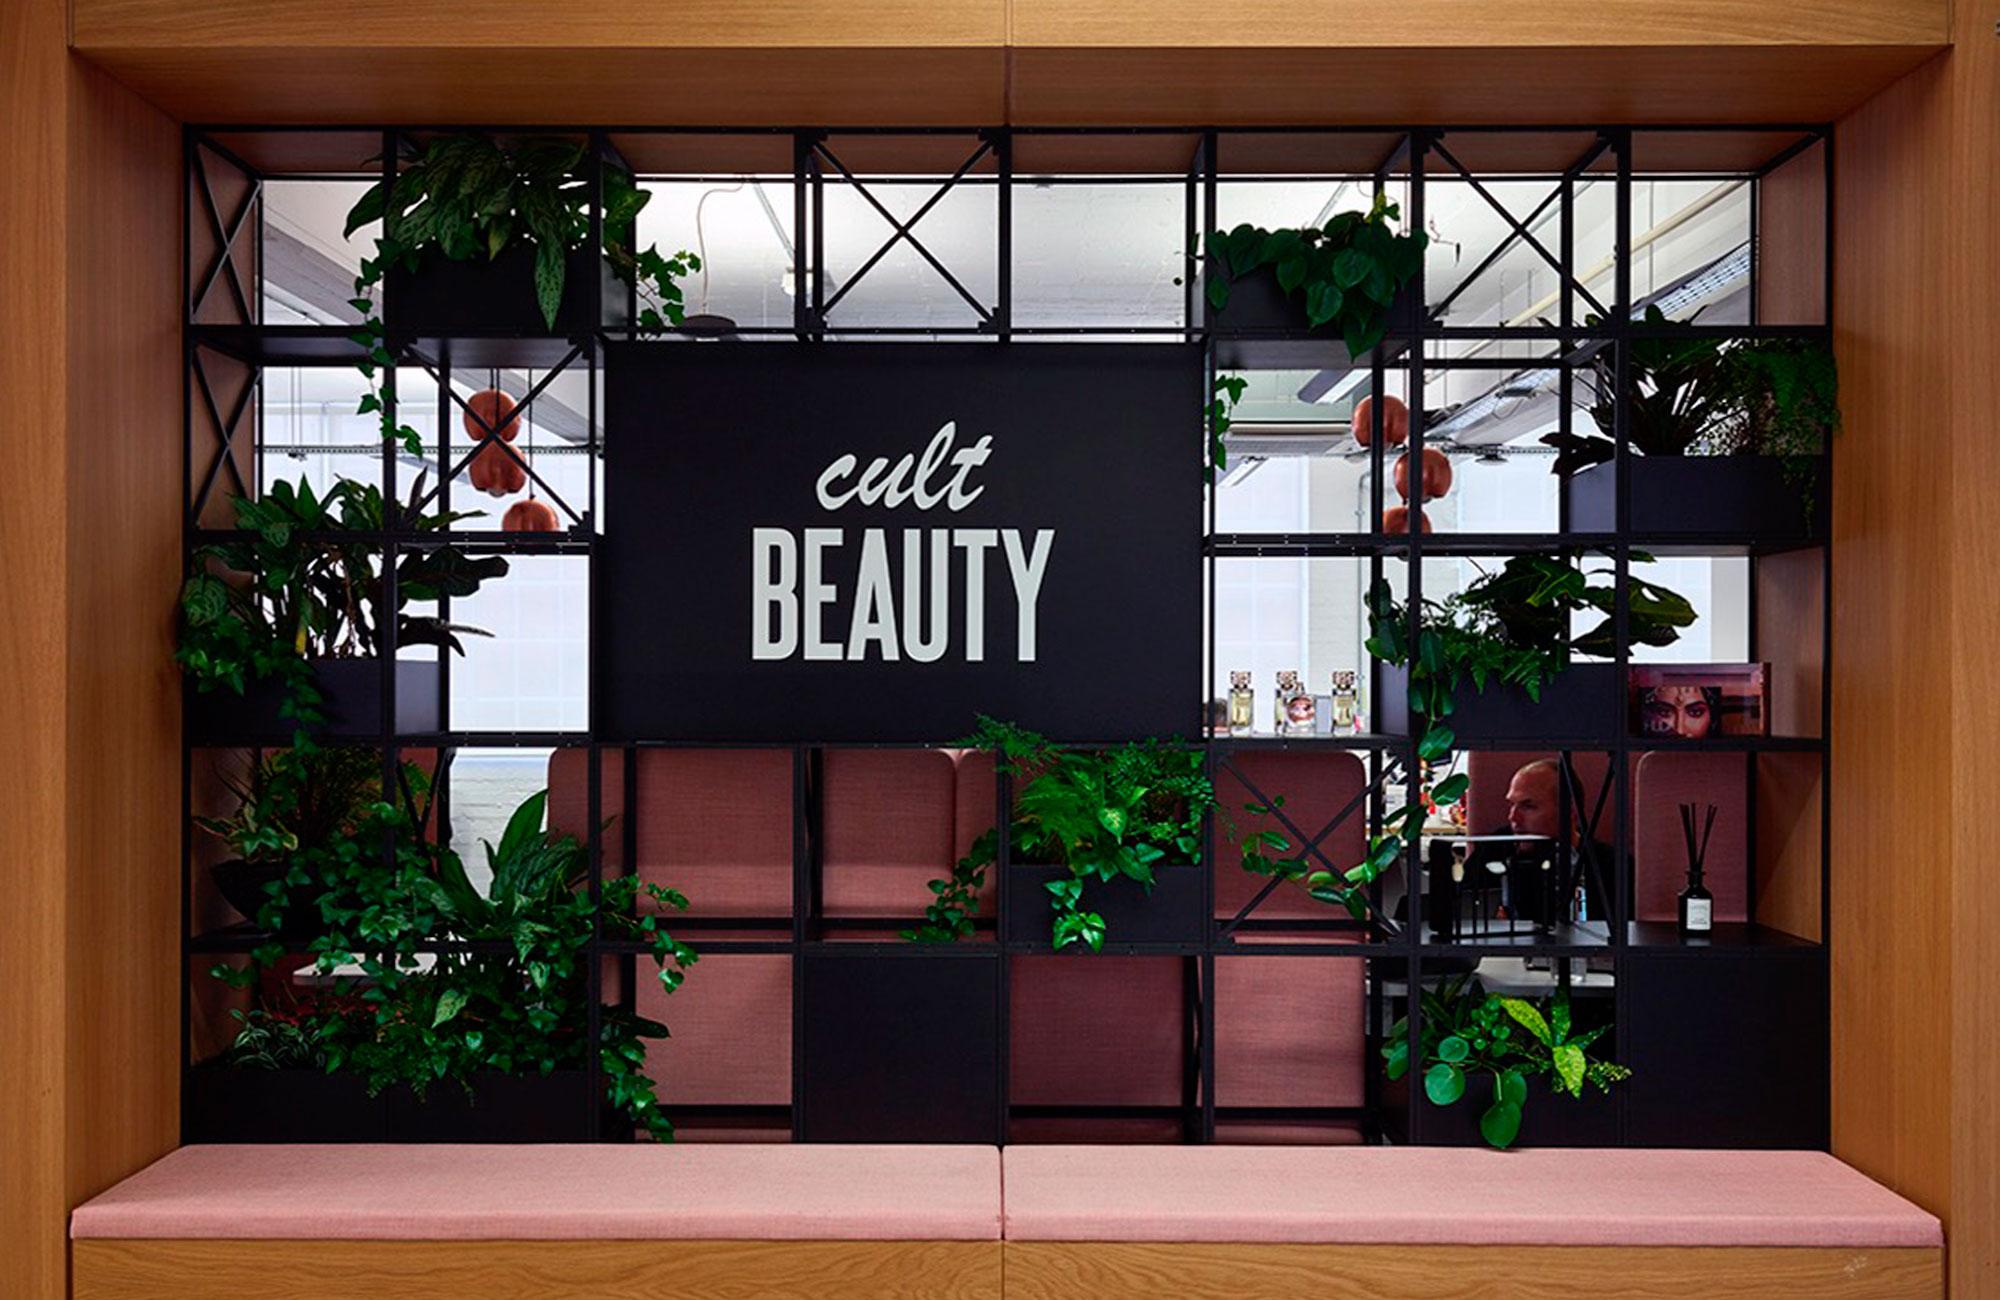 cult beauty thumb2